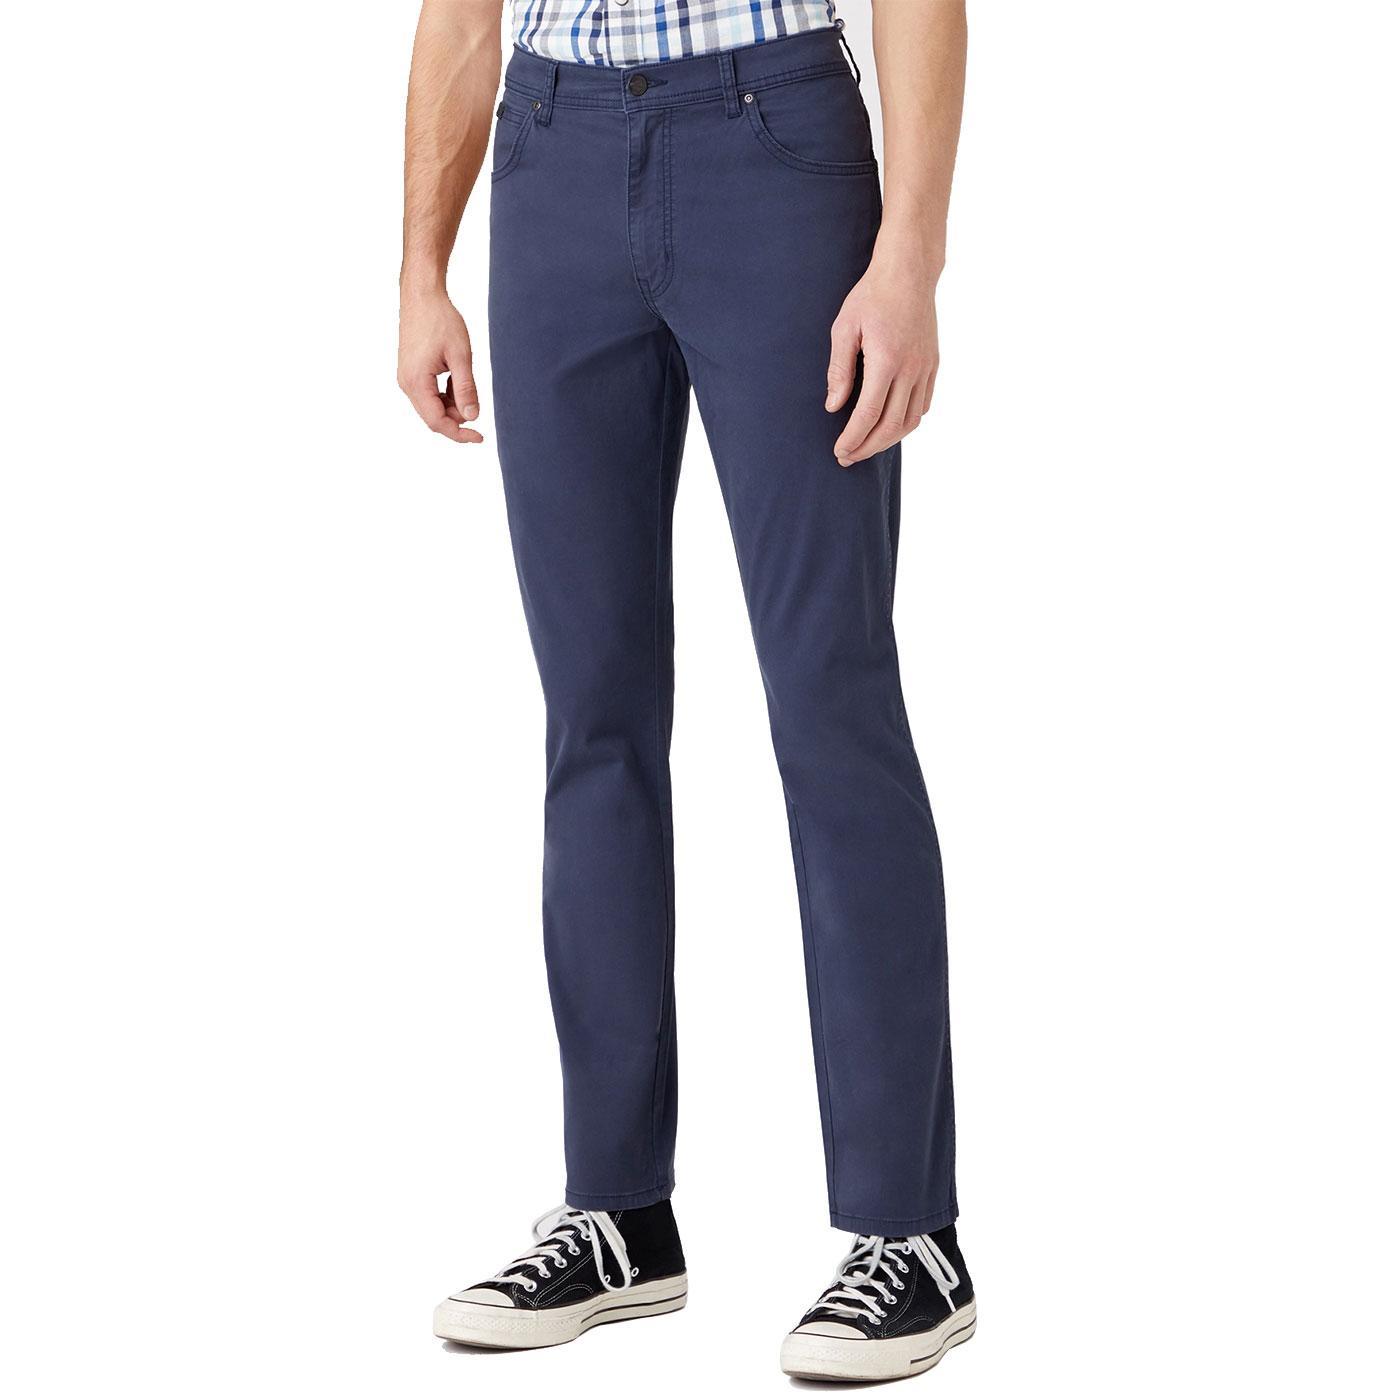 Texas WRANGLER Mens Retro Slim Leg Trousers NAVY